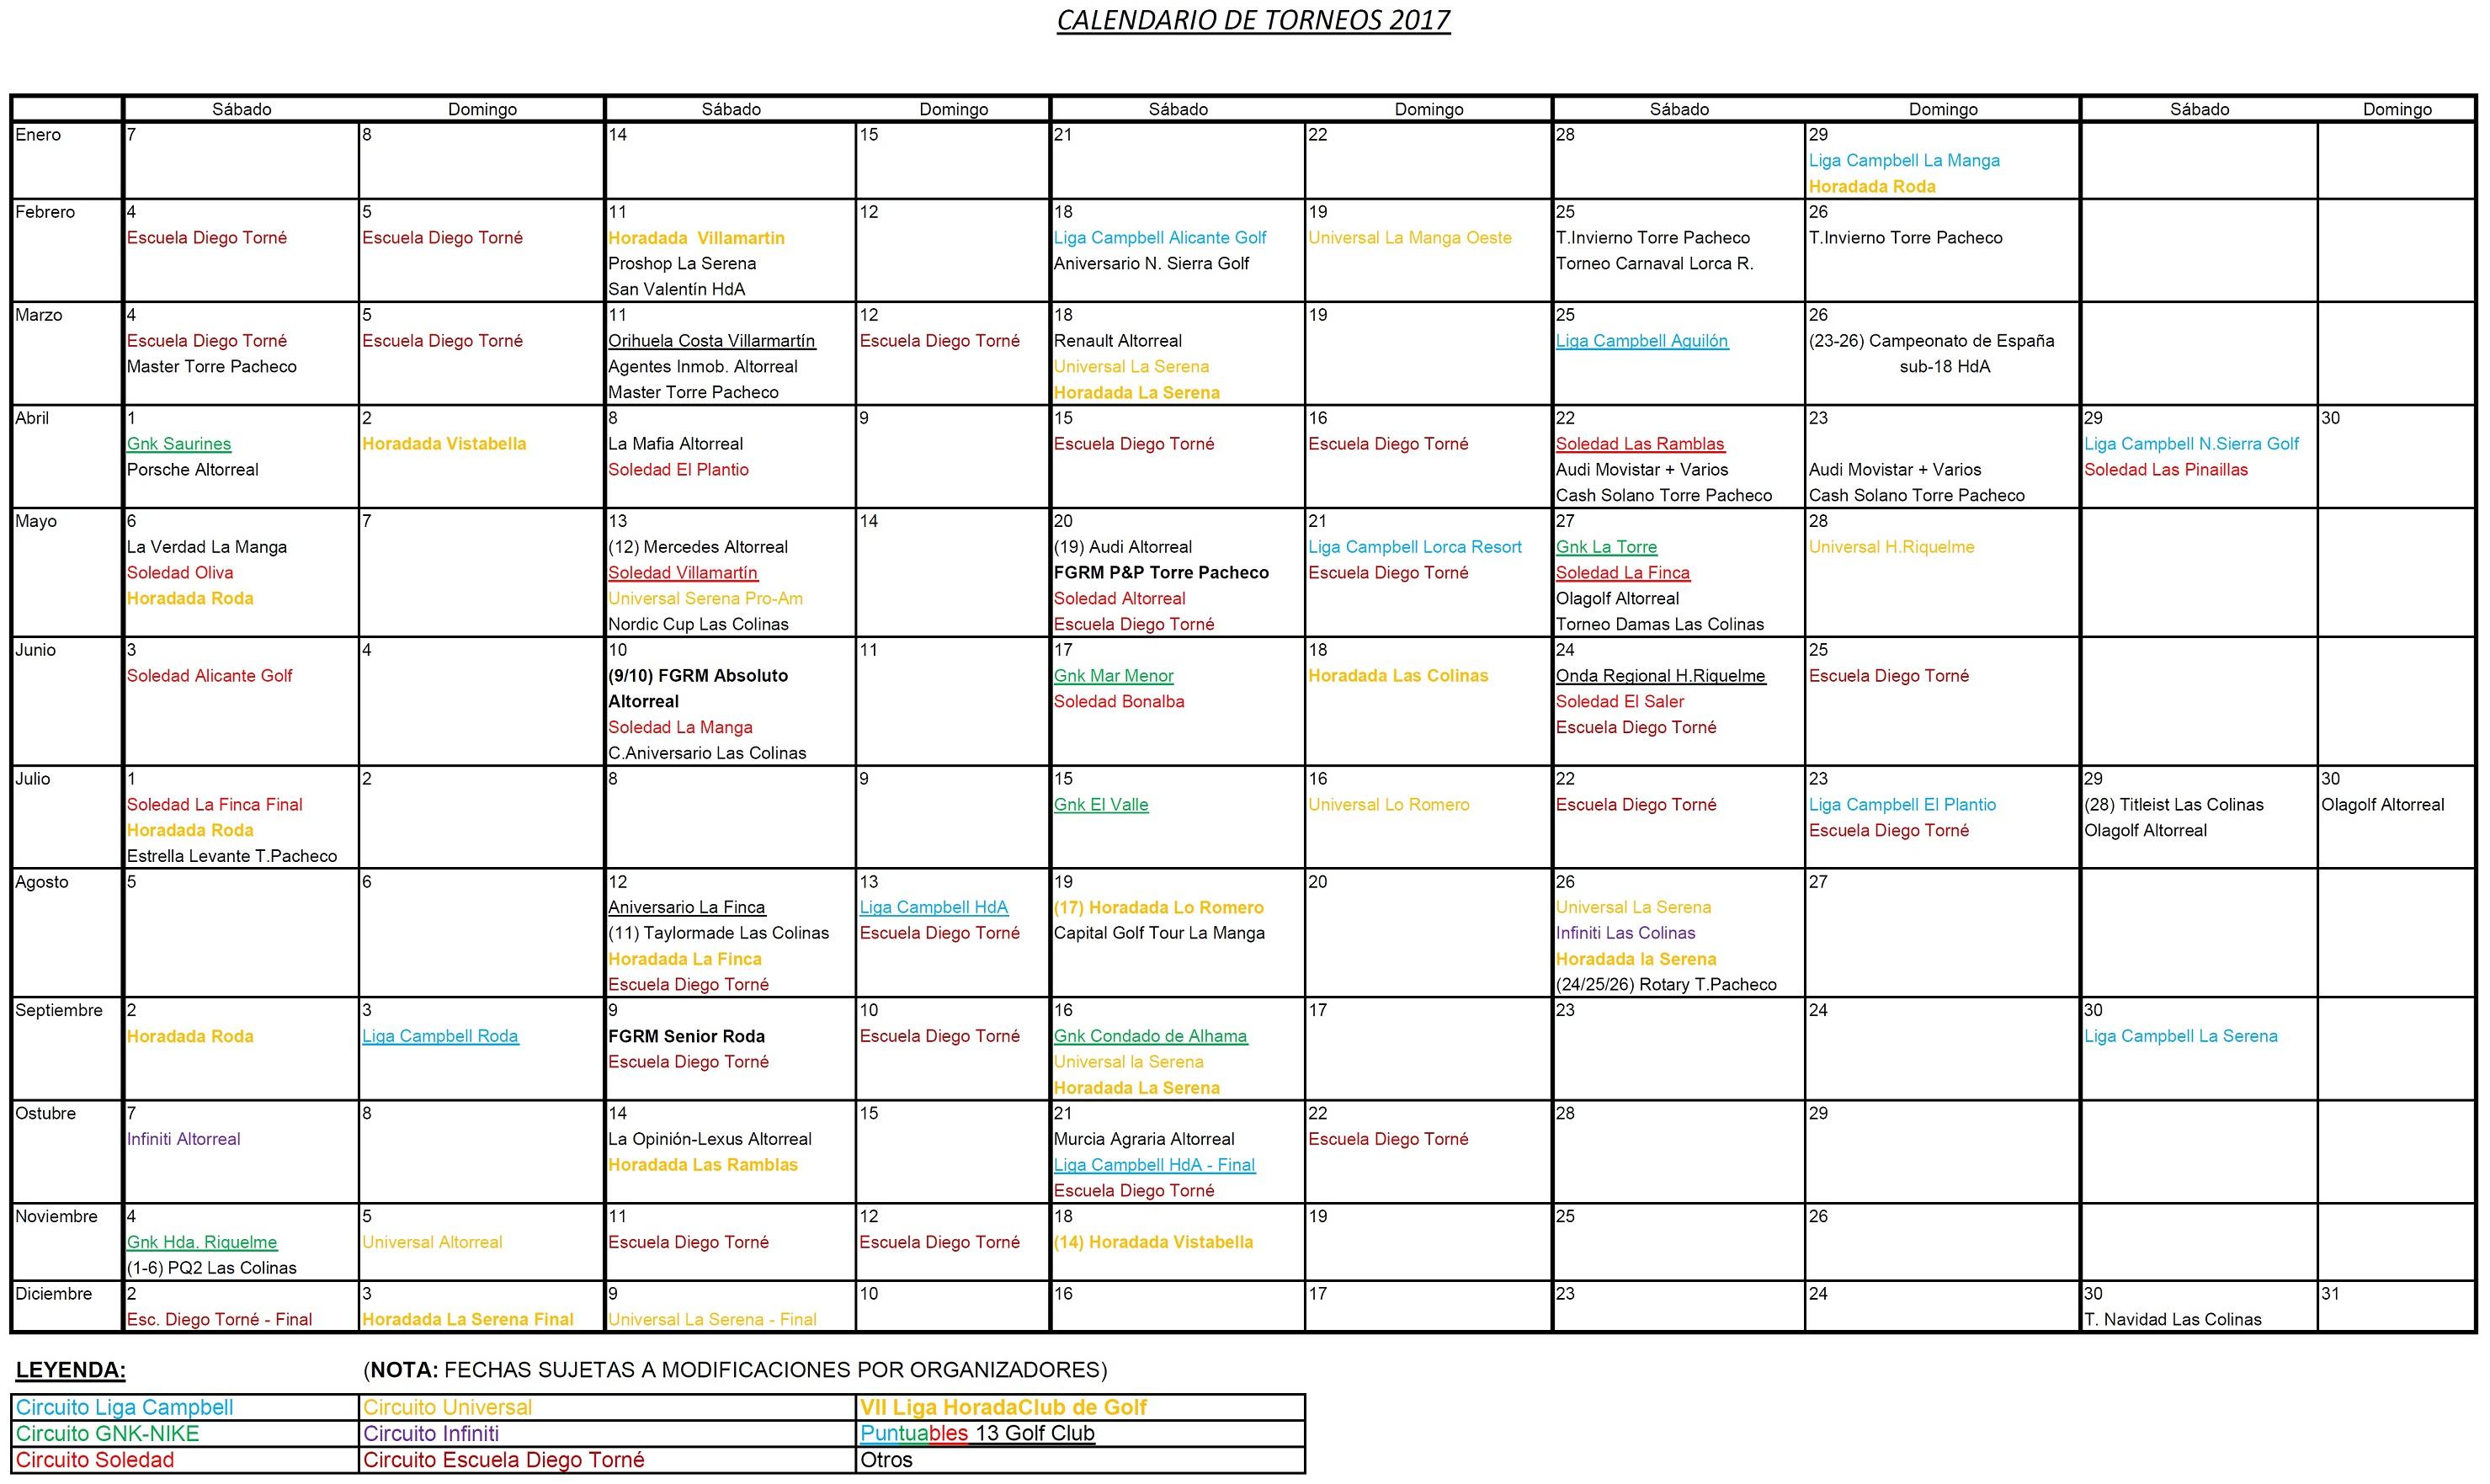 170221 Actualización de Calendario